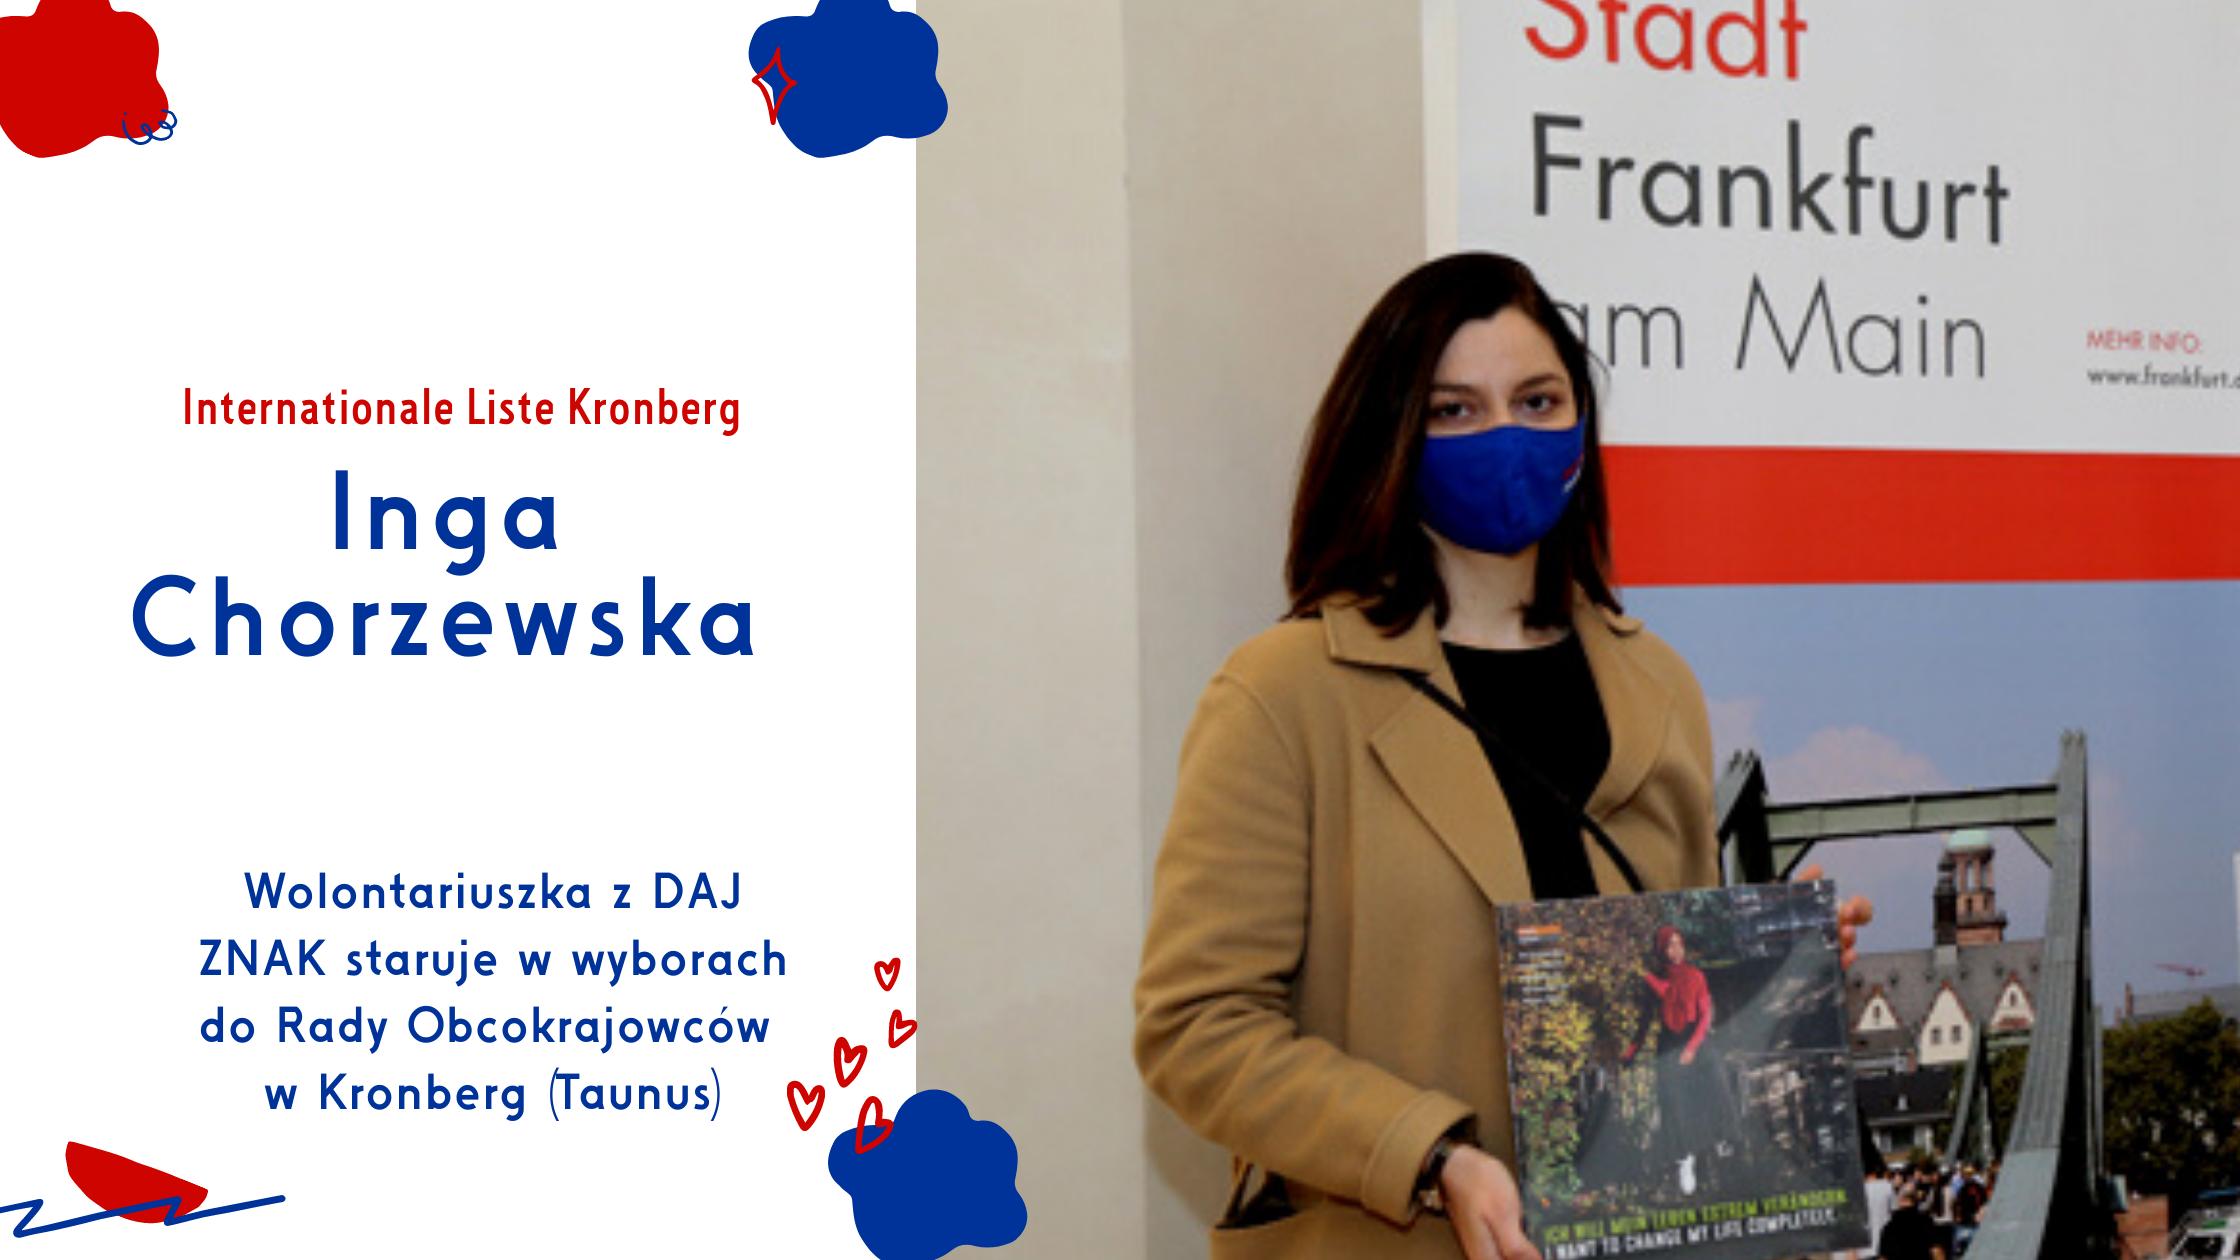 Kronberg_Polska kandydatka do Rady Obcokrajowców